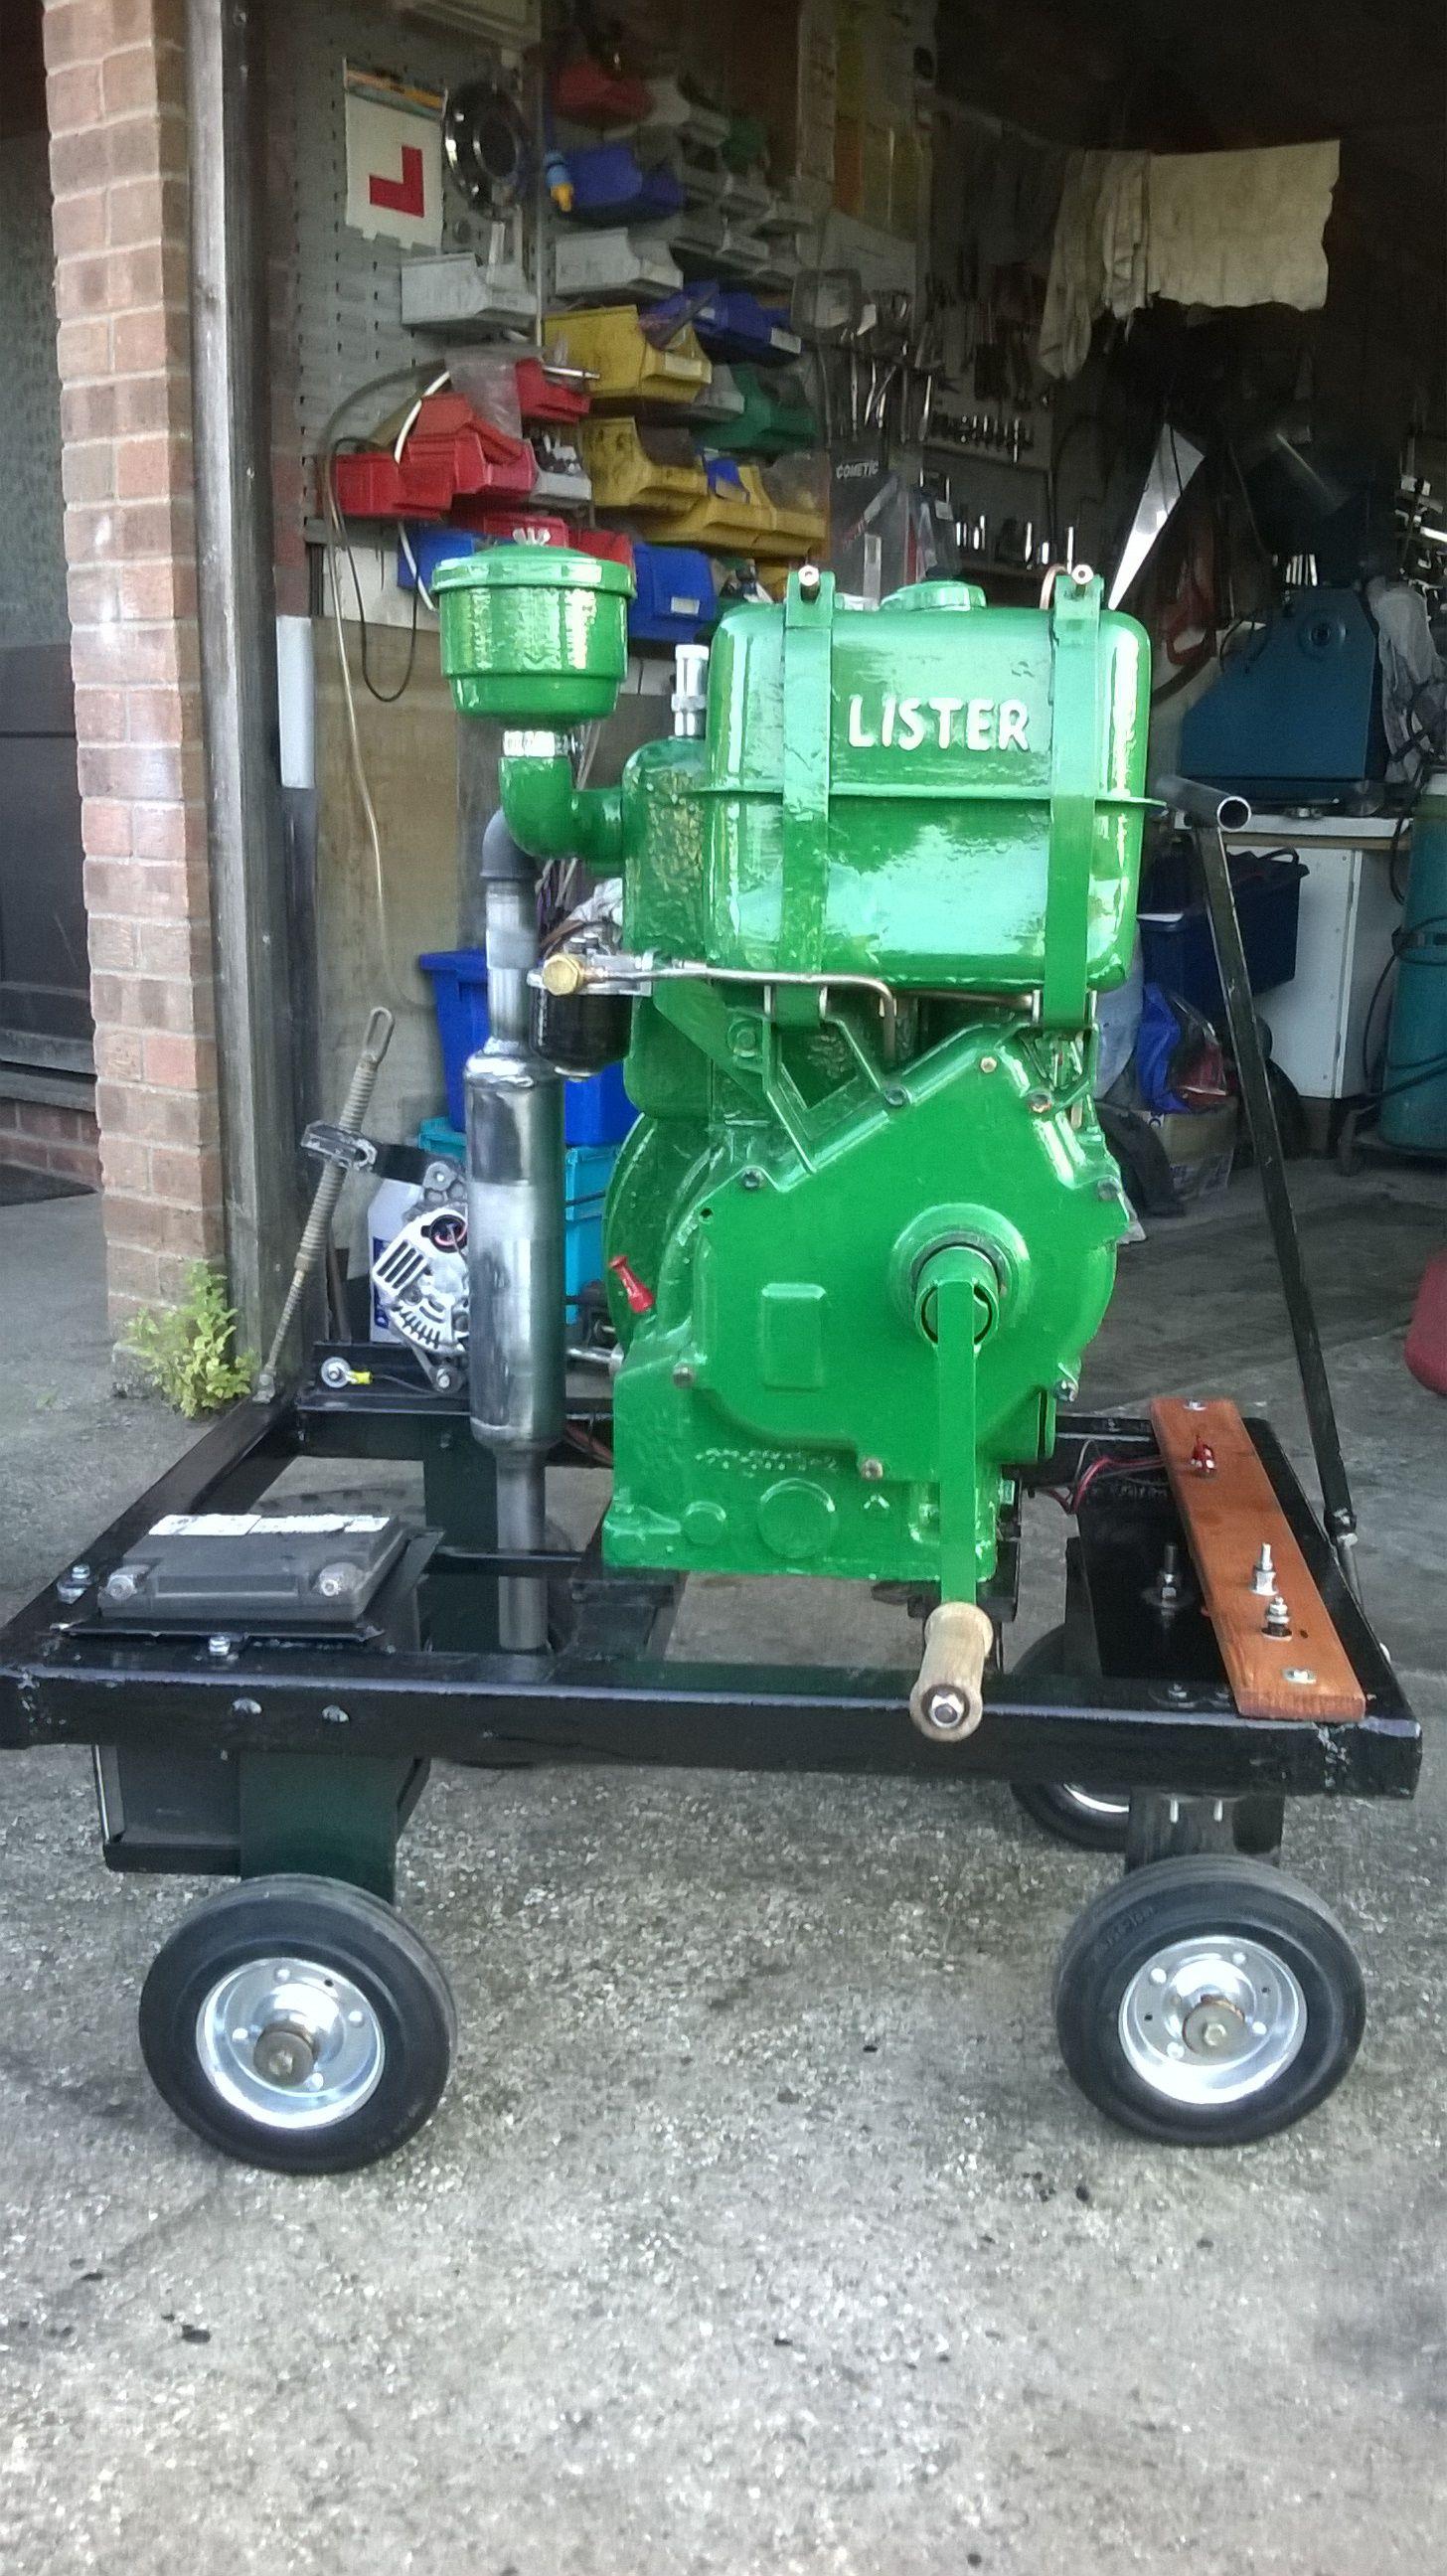 The Lister LR1 after restoration Emergency generator